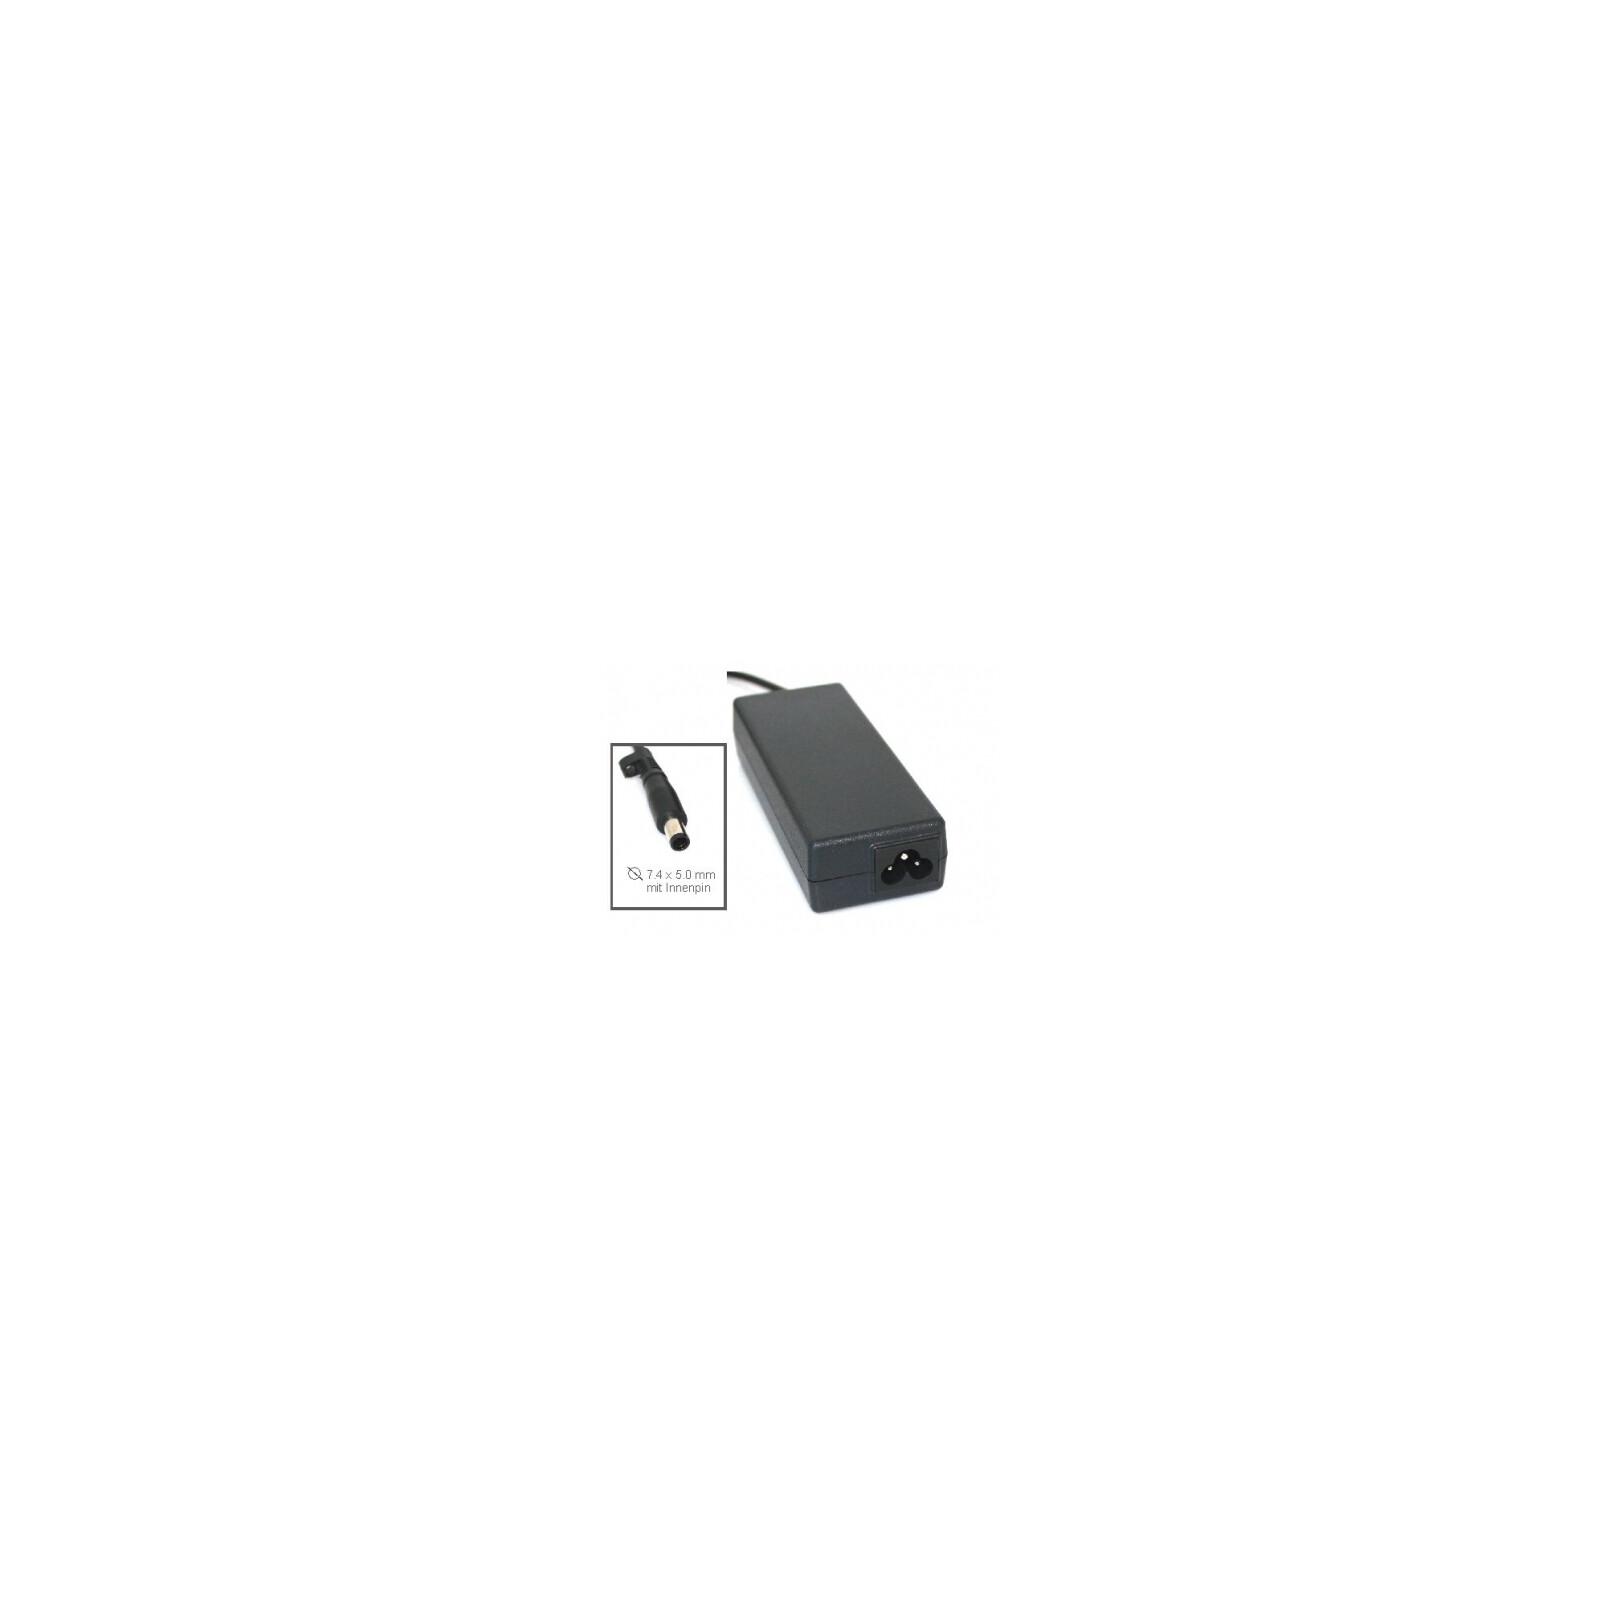 HP 20876 Original Netzteil 693712-001